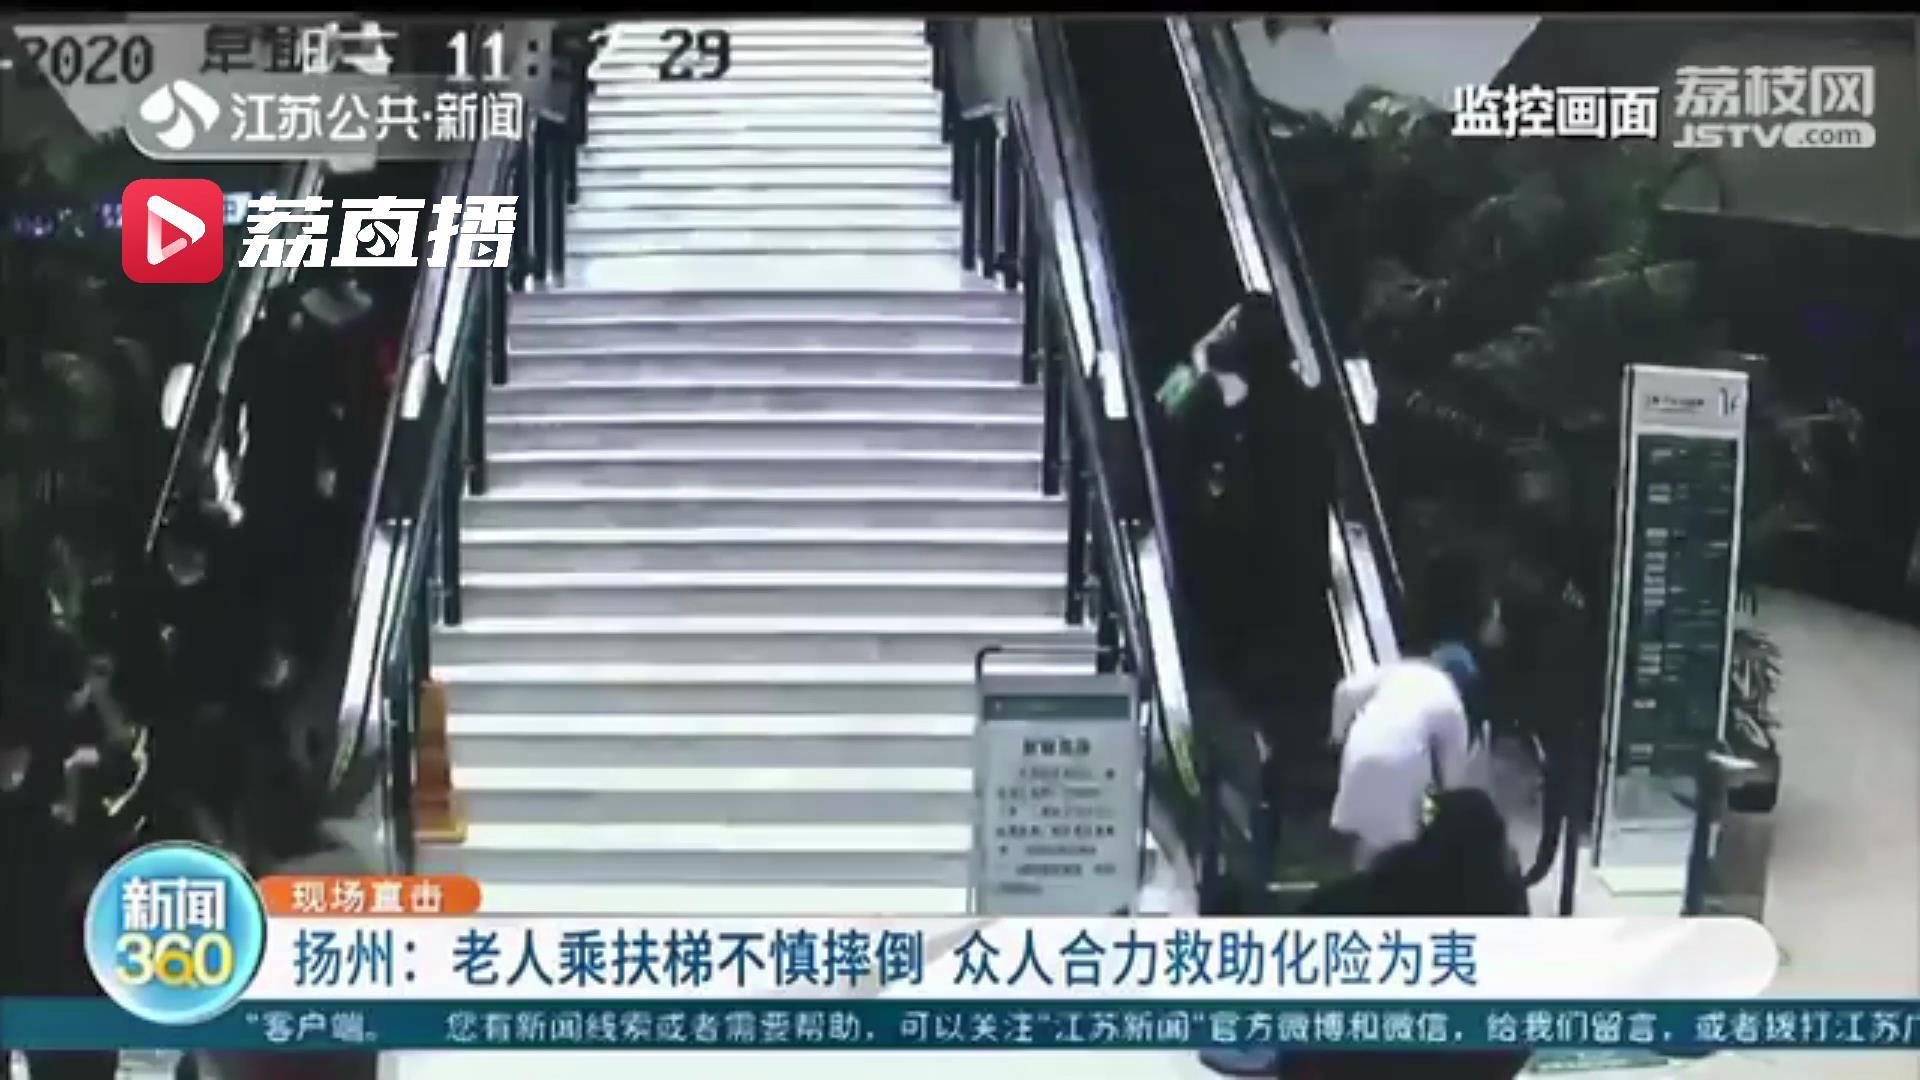 暖心救助!扬州老人乘扶梯不慎摔倒 众人合力救助化险为夷